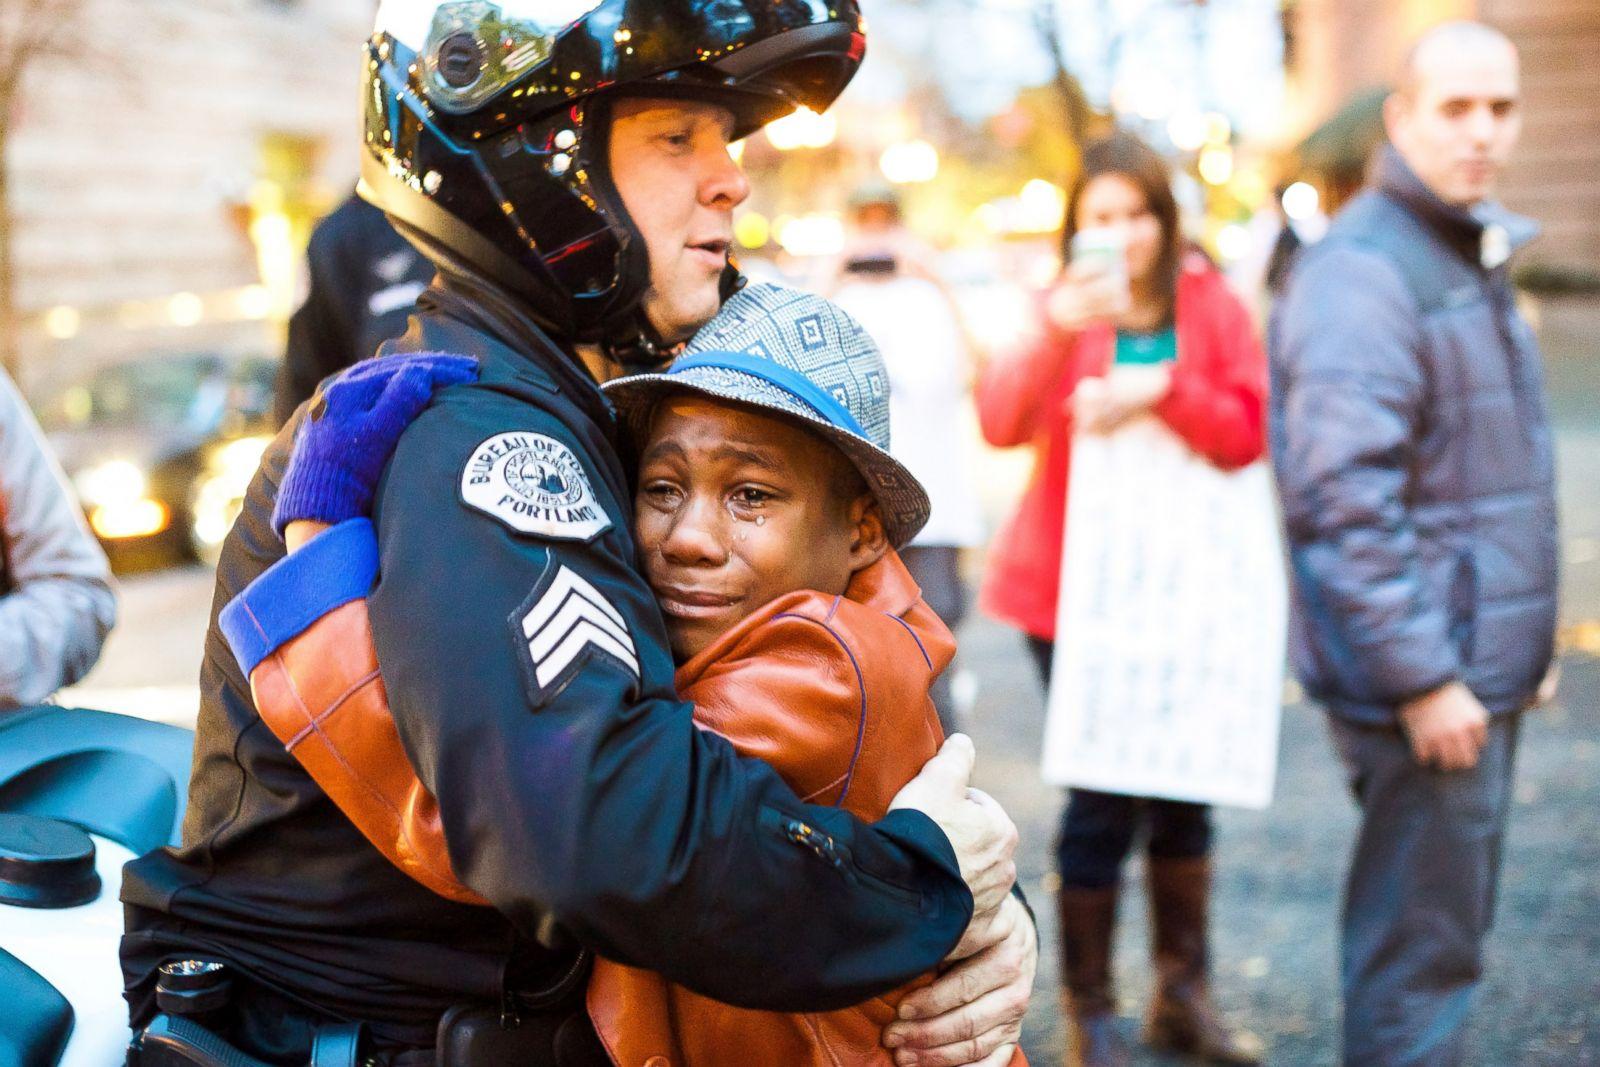 El sargento Bret Barnum abraza a Devonte Hart, de 12 años, durante una manifestación por la reforma de la policía en Portland, Oregón. Fotografía: Johnny Nguyen